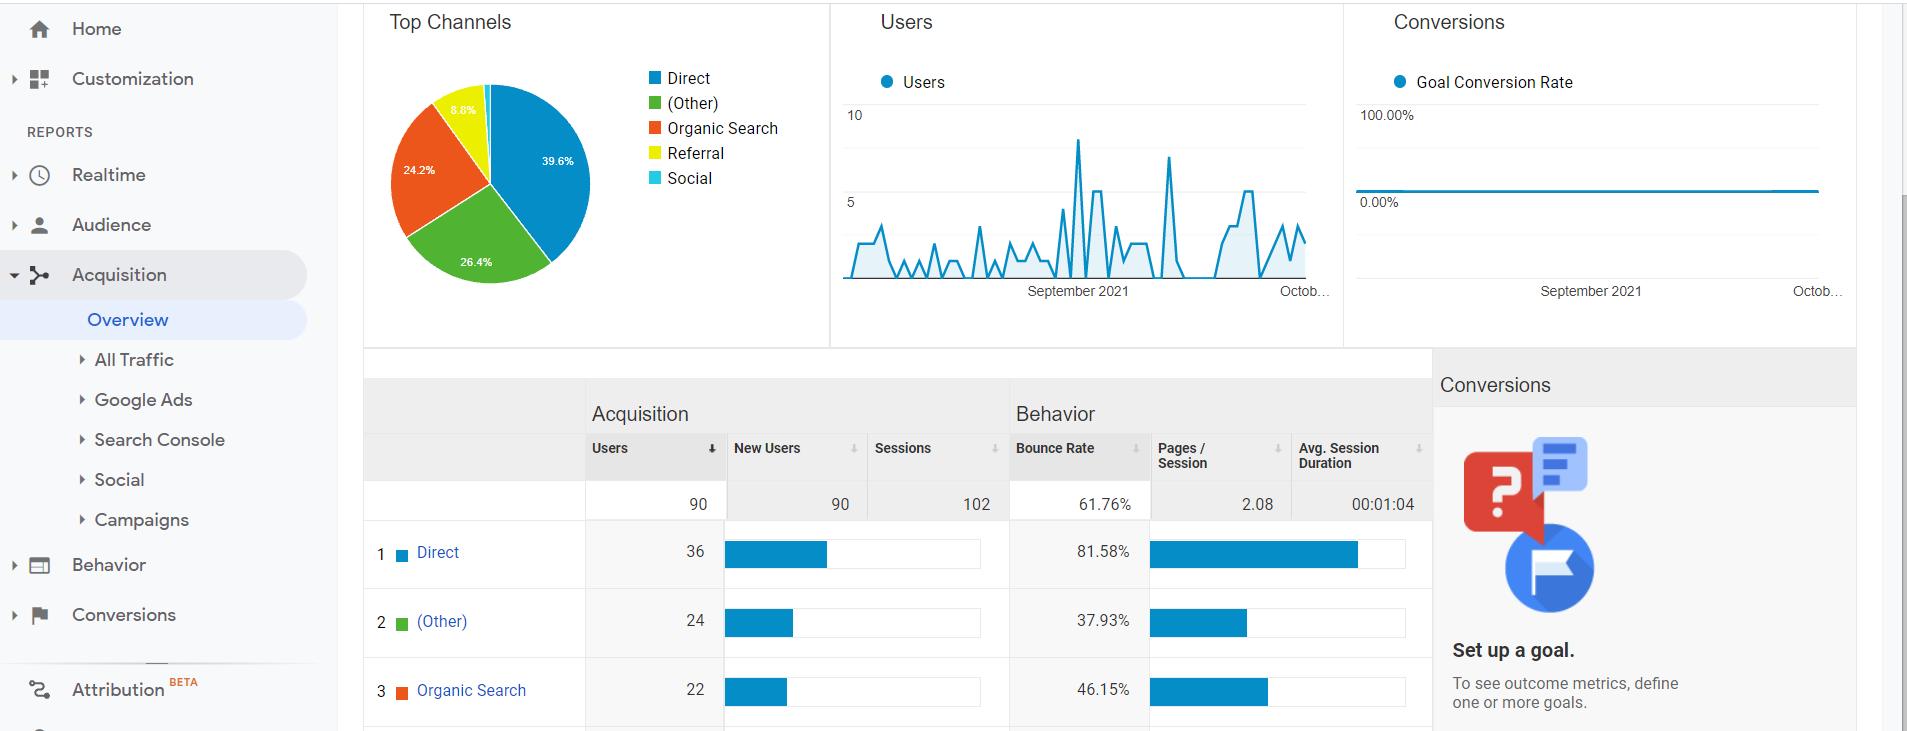 Capture d'écran de la vue d'ensemble de l'acquisition de trafic Google Analytics.